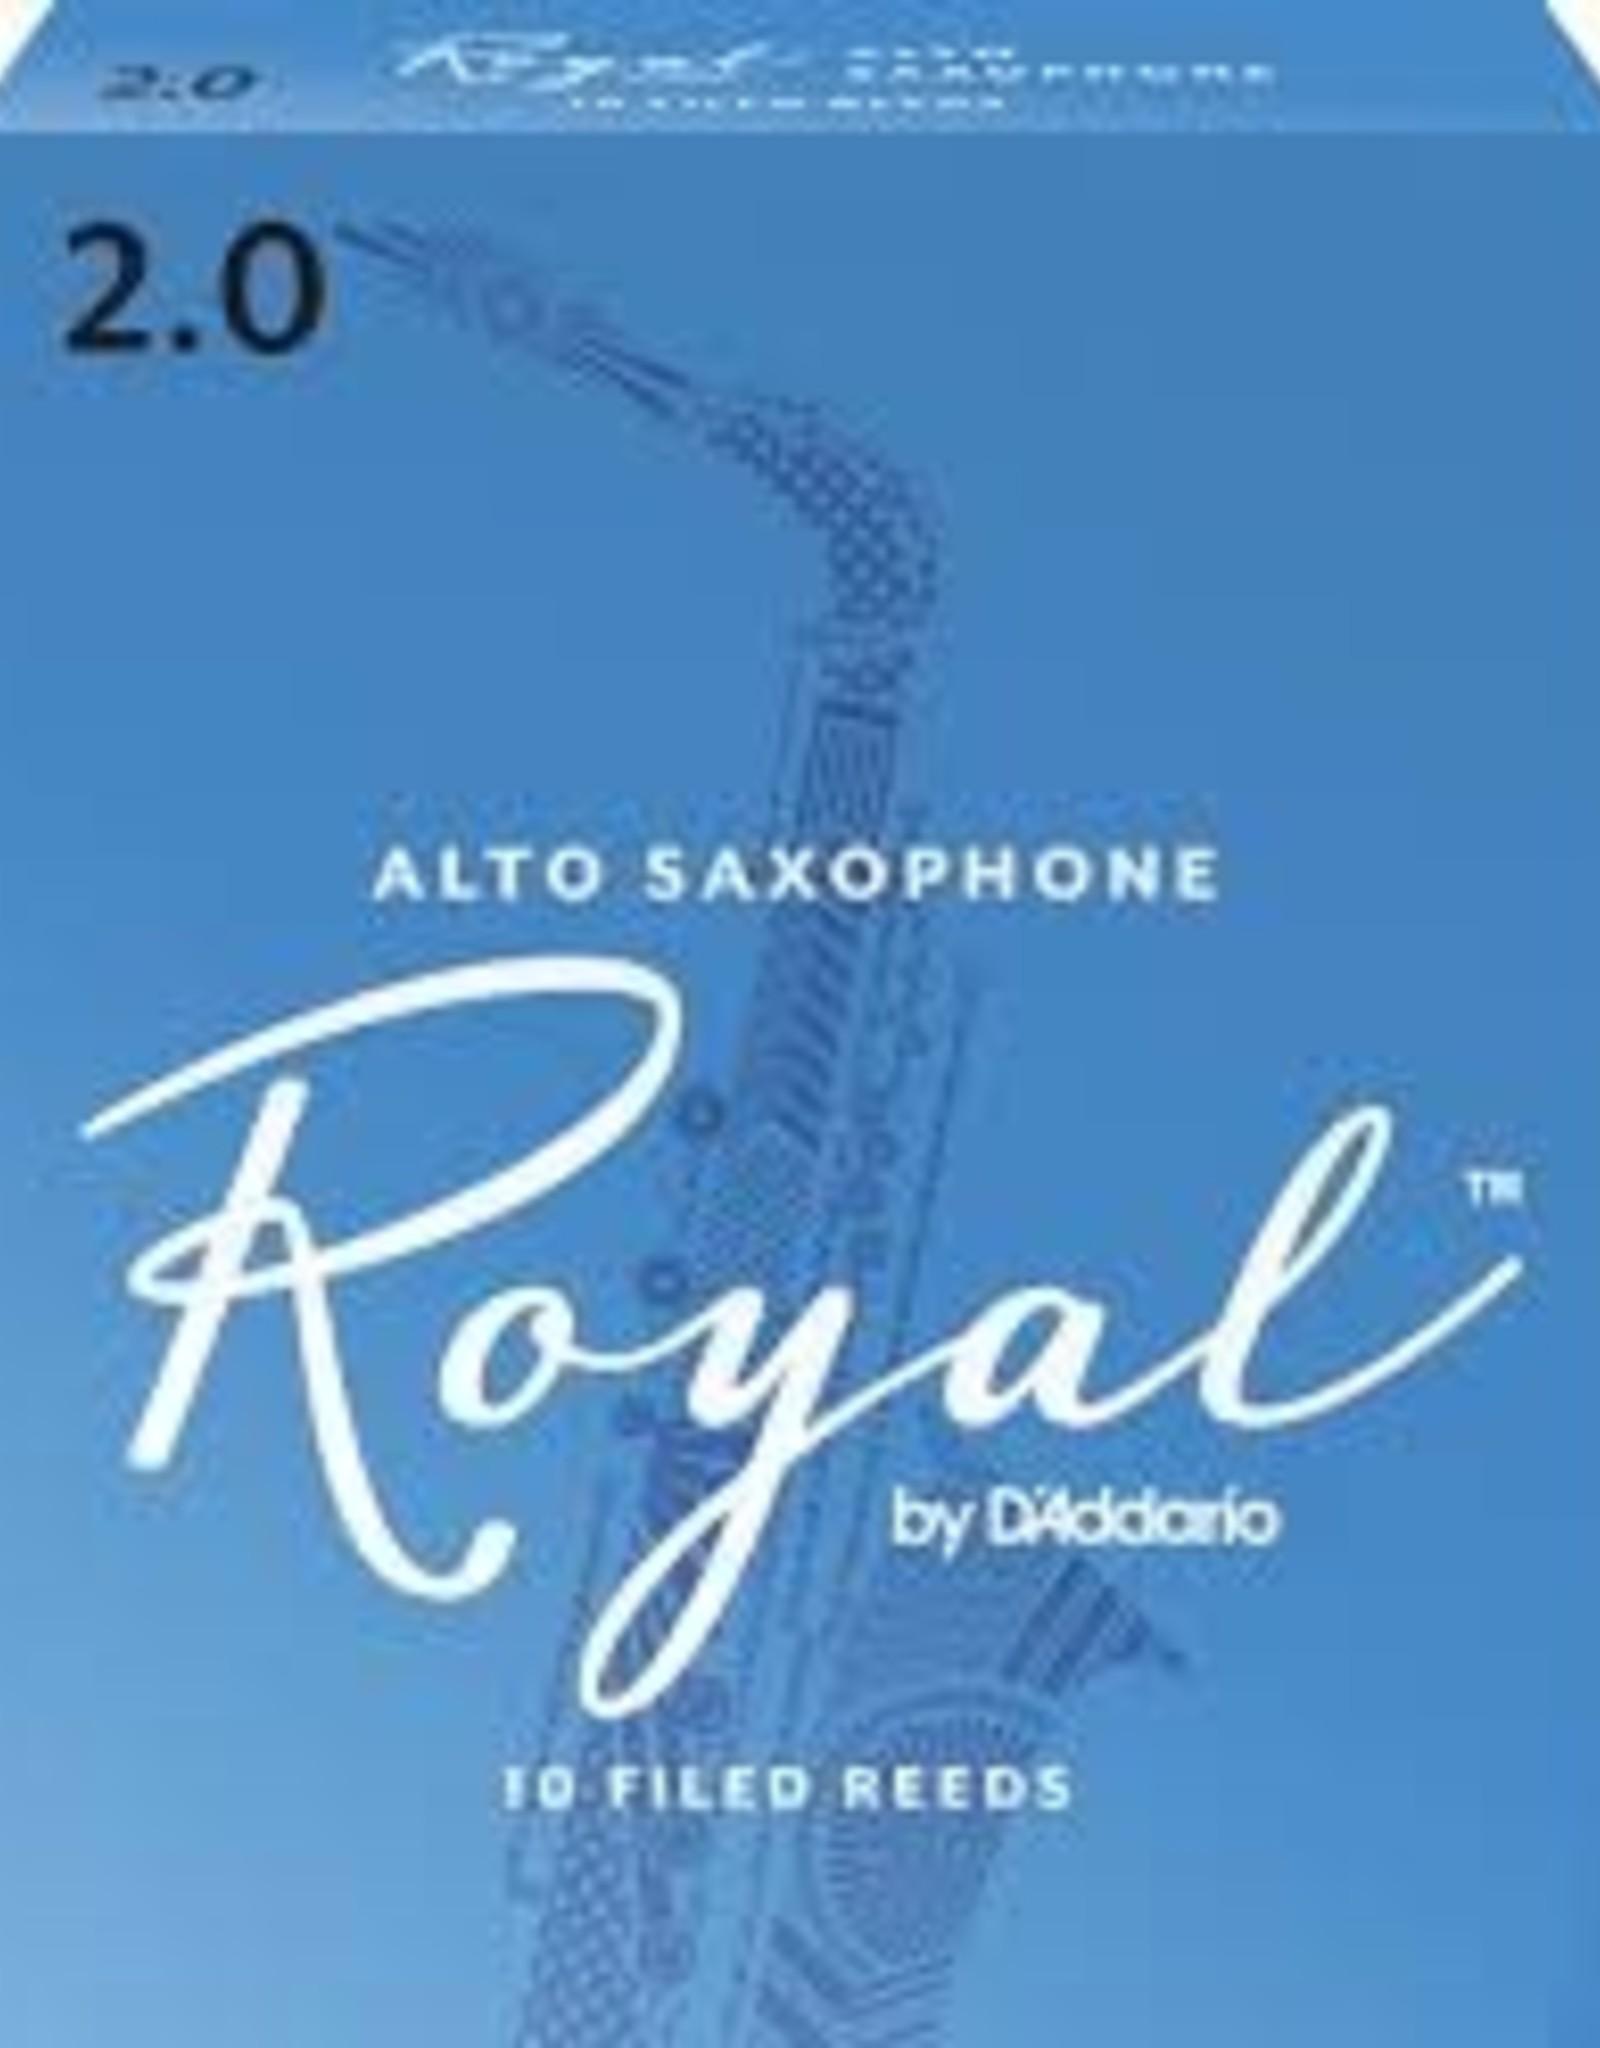 D'Addario Royal Alto Sax 2.0 Reeds, 10 Box